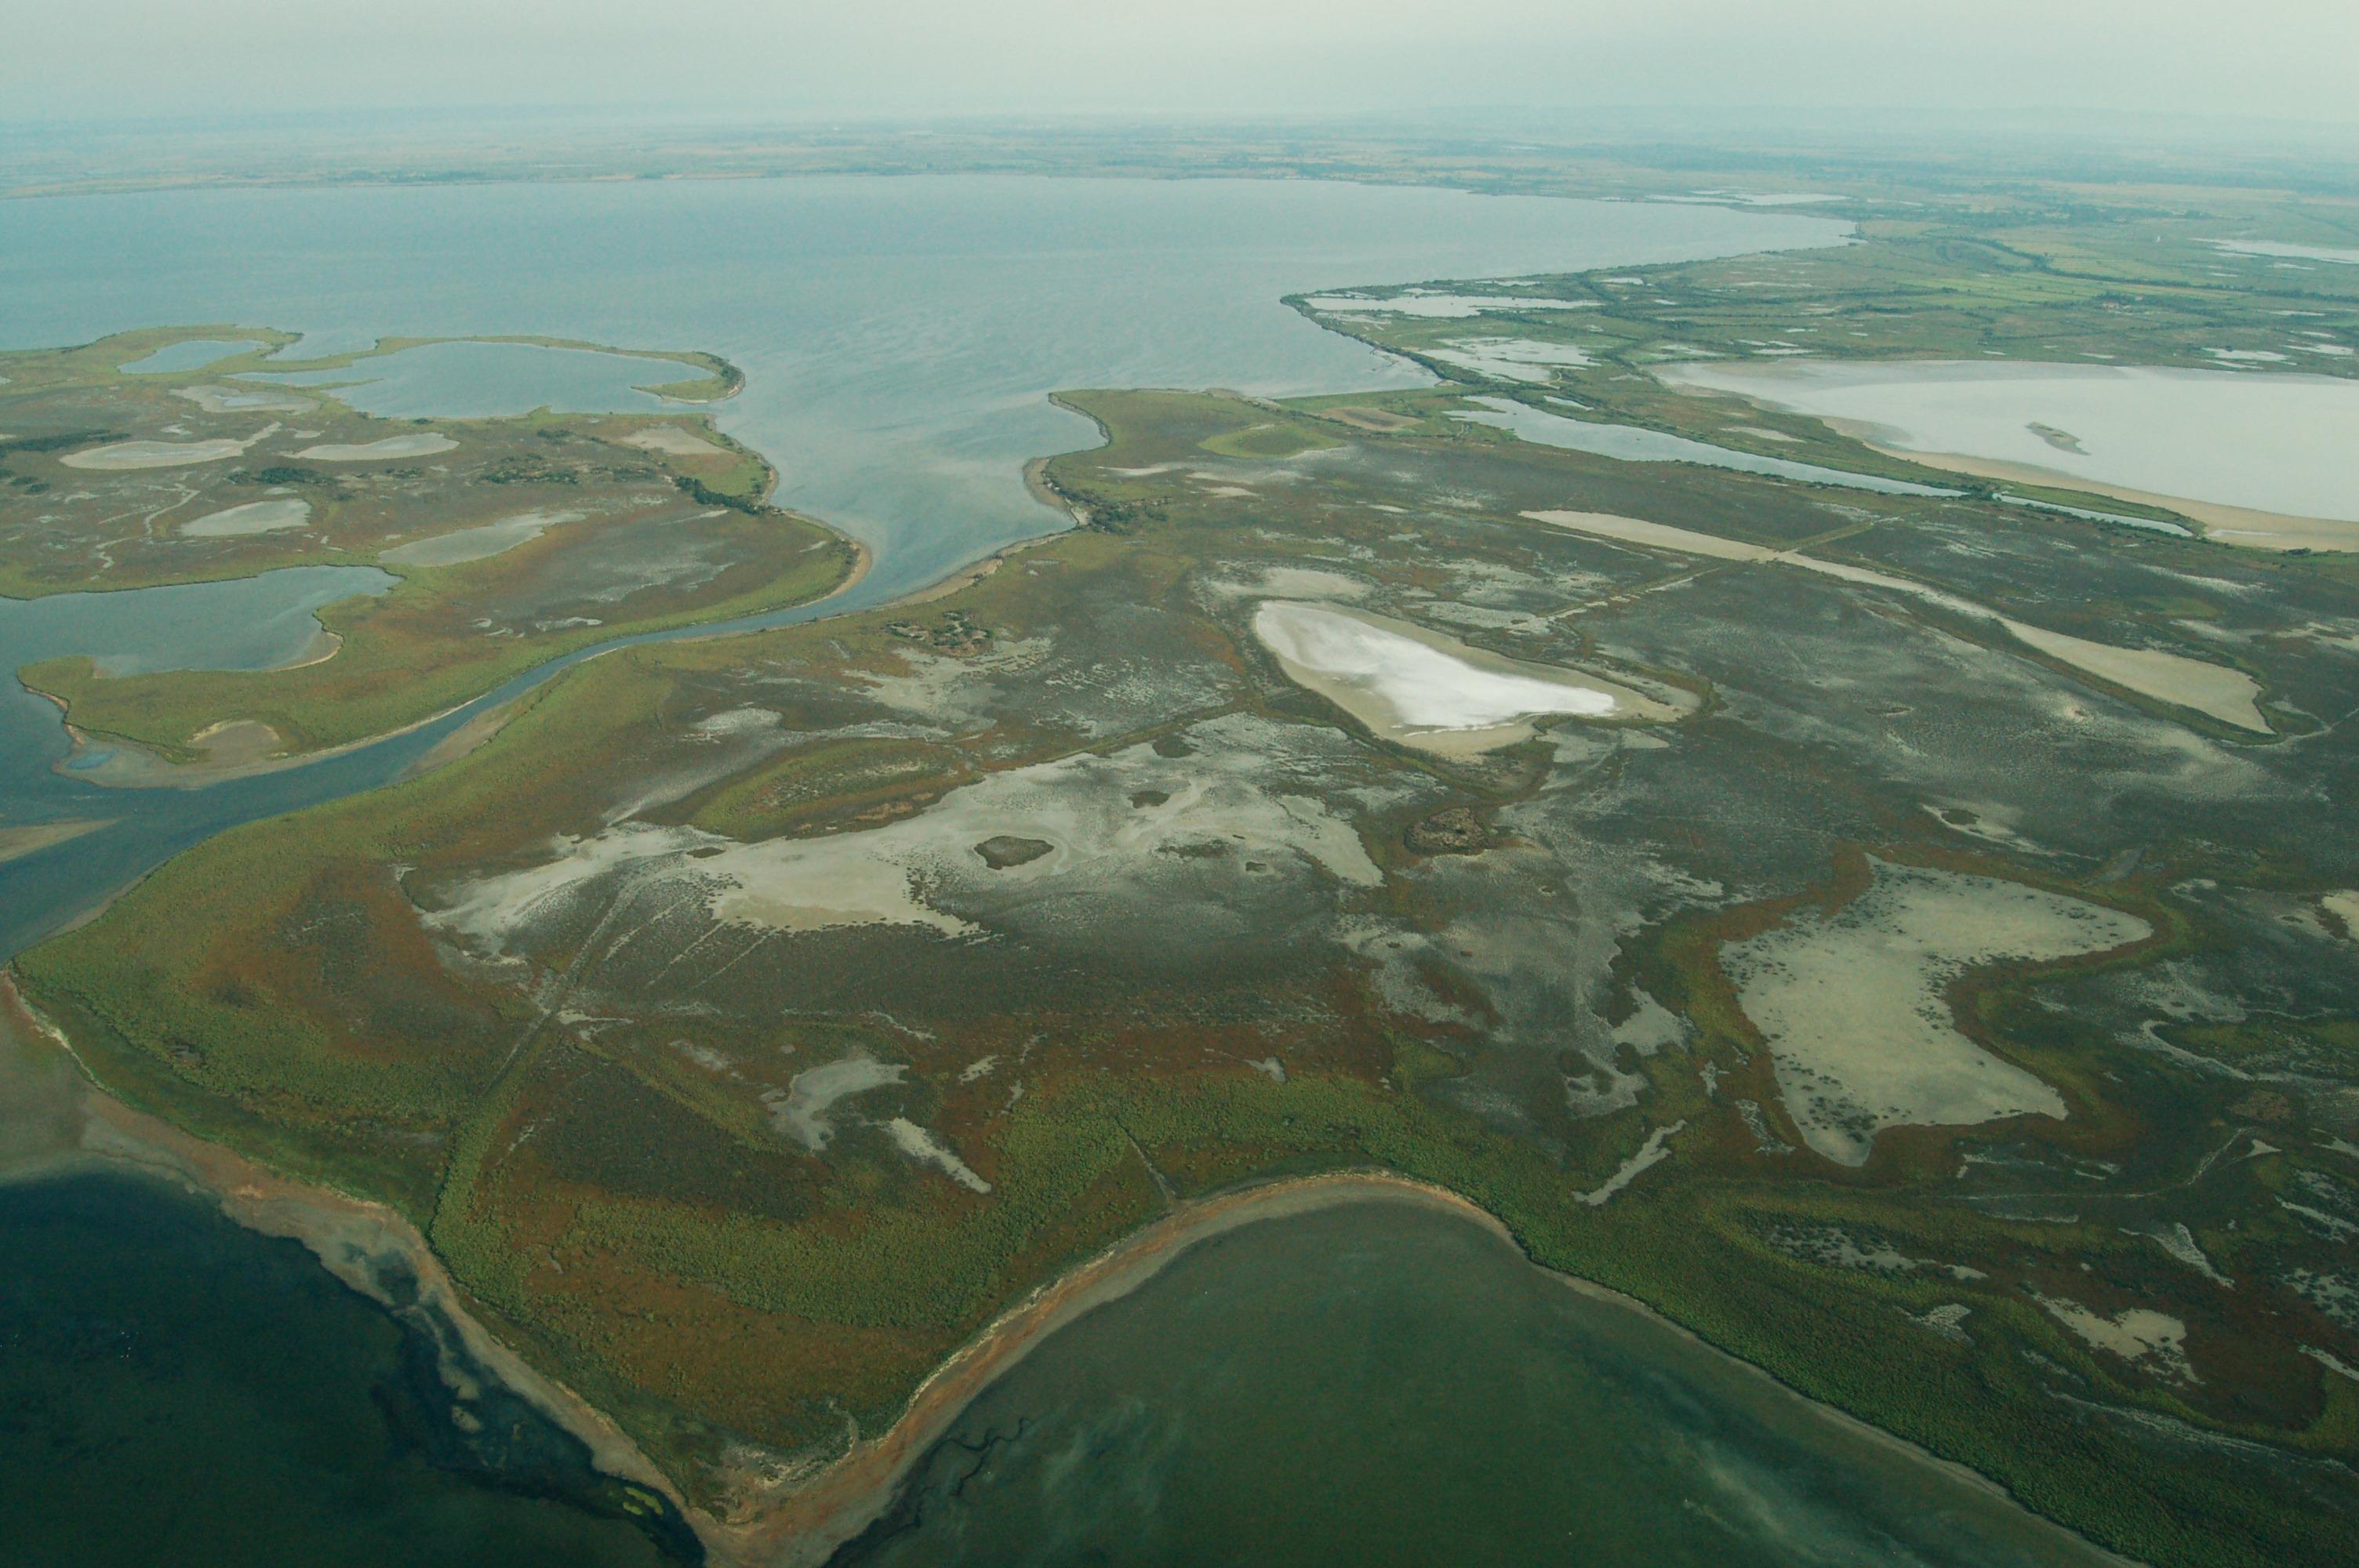 Vue aérienne d'une partie de la Réserve naturelle nationale de Camargue